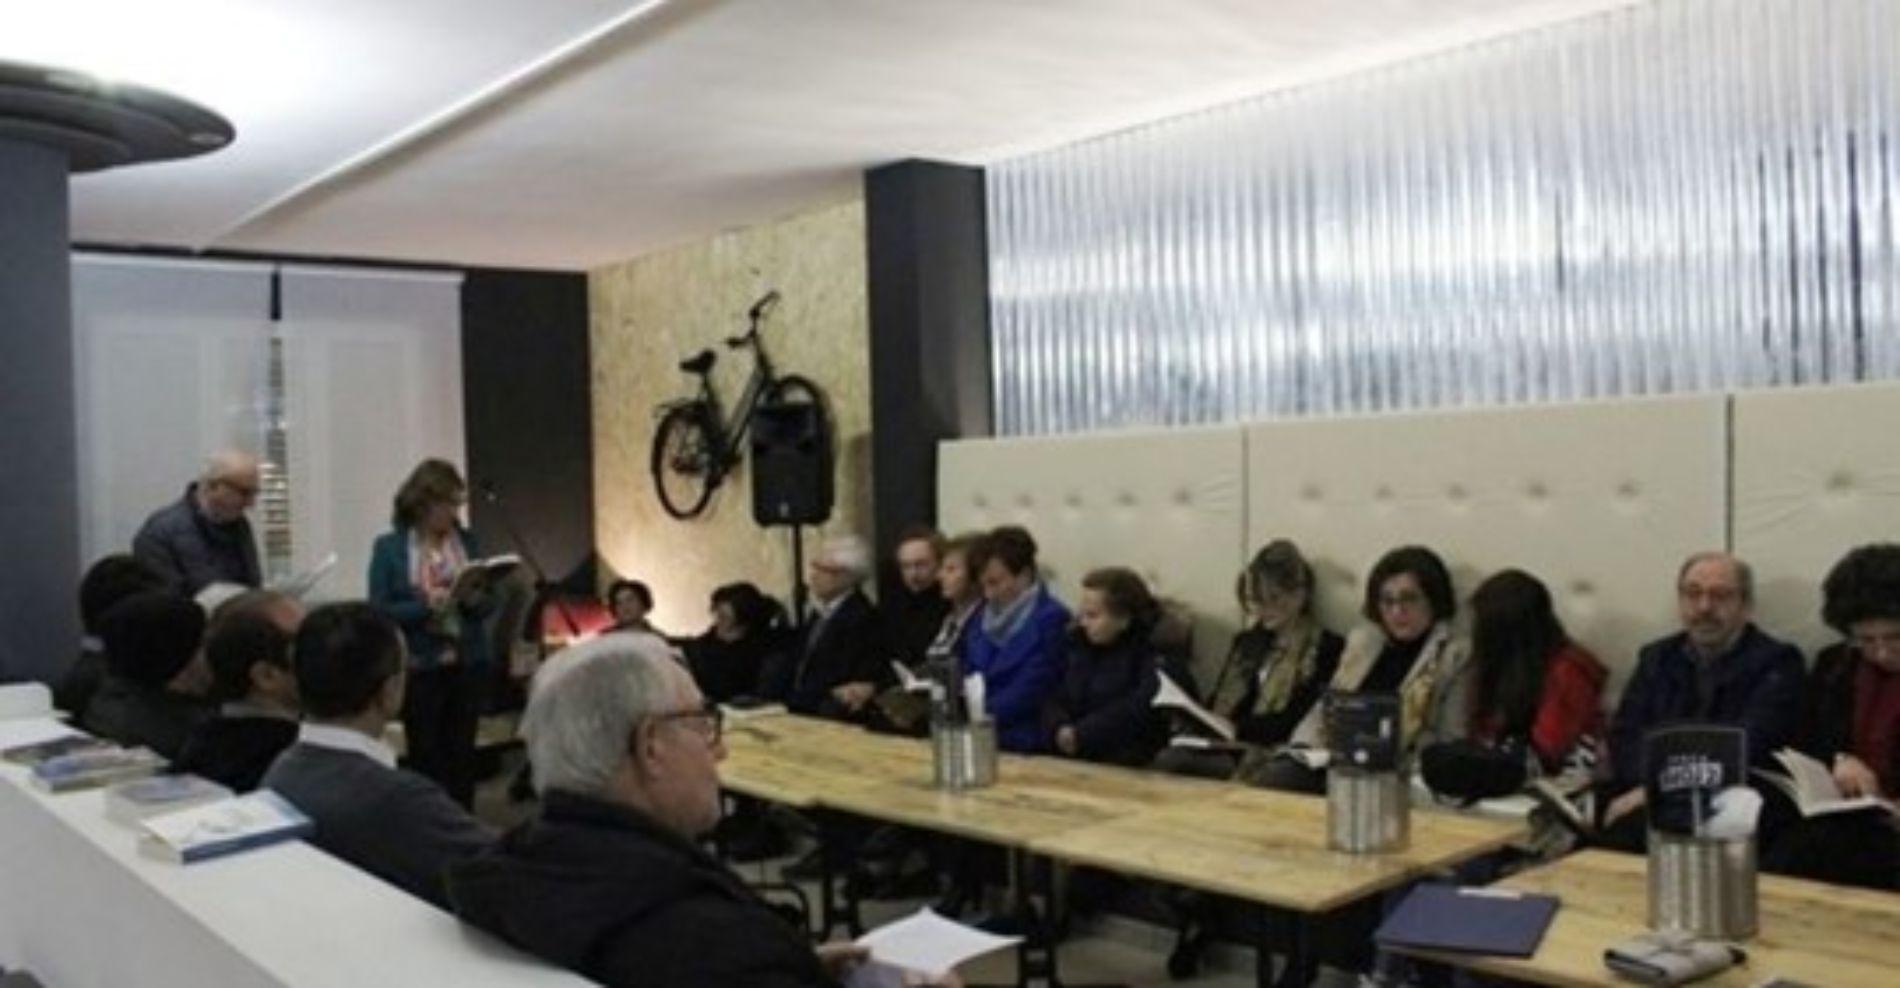 """Il Salotto artistico-letterario """"Civico 49"""" presenta l'ultimo romanzo di Diego Aleo dal titolo """"Mezzo dollaro d'argento""""."""